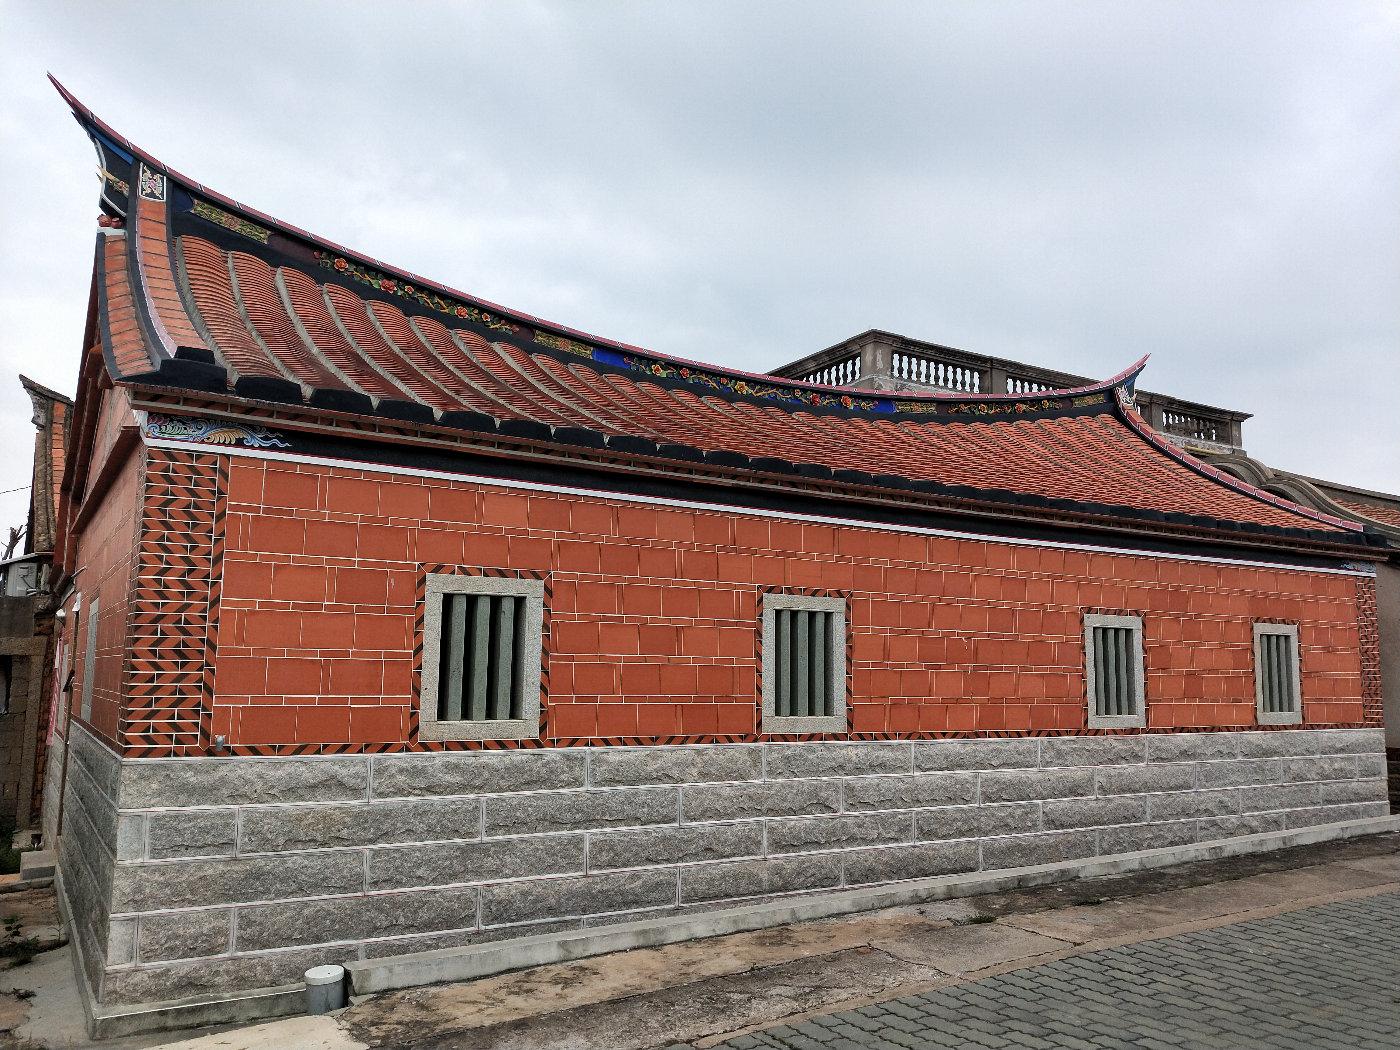 这家屋檐是黑的底色,仔细看每家的屋顶都不一样